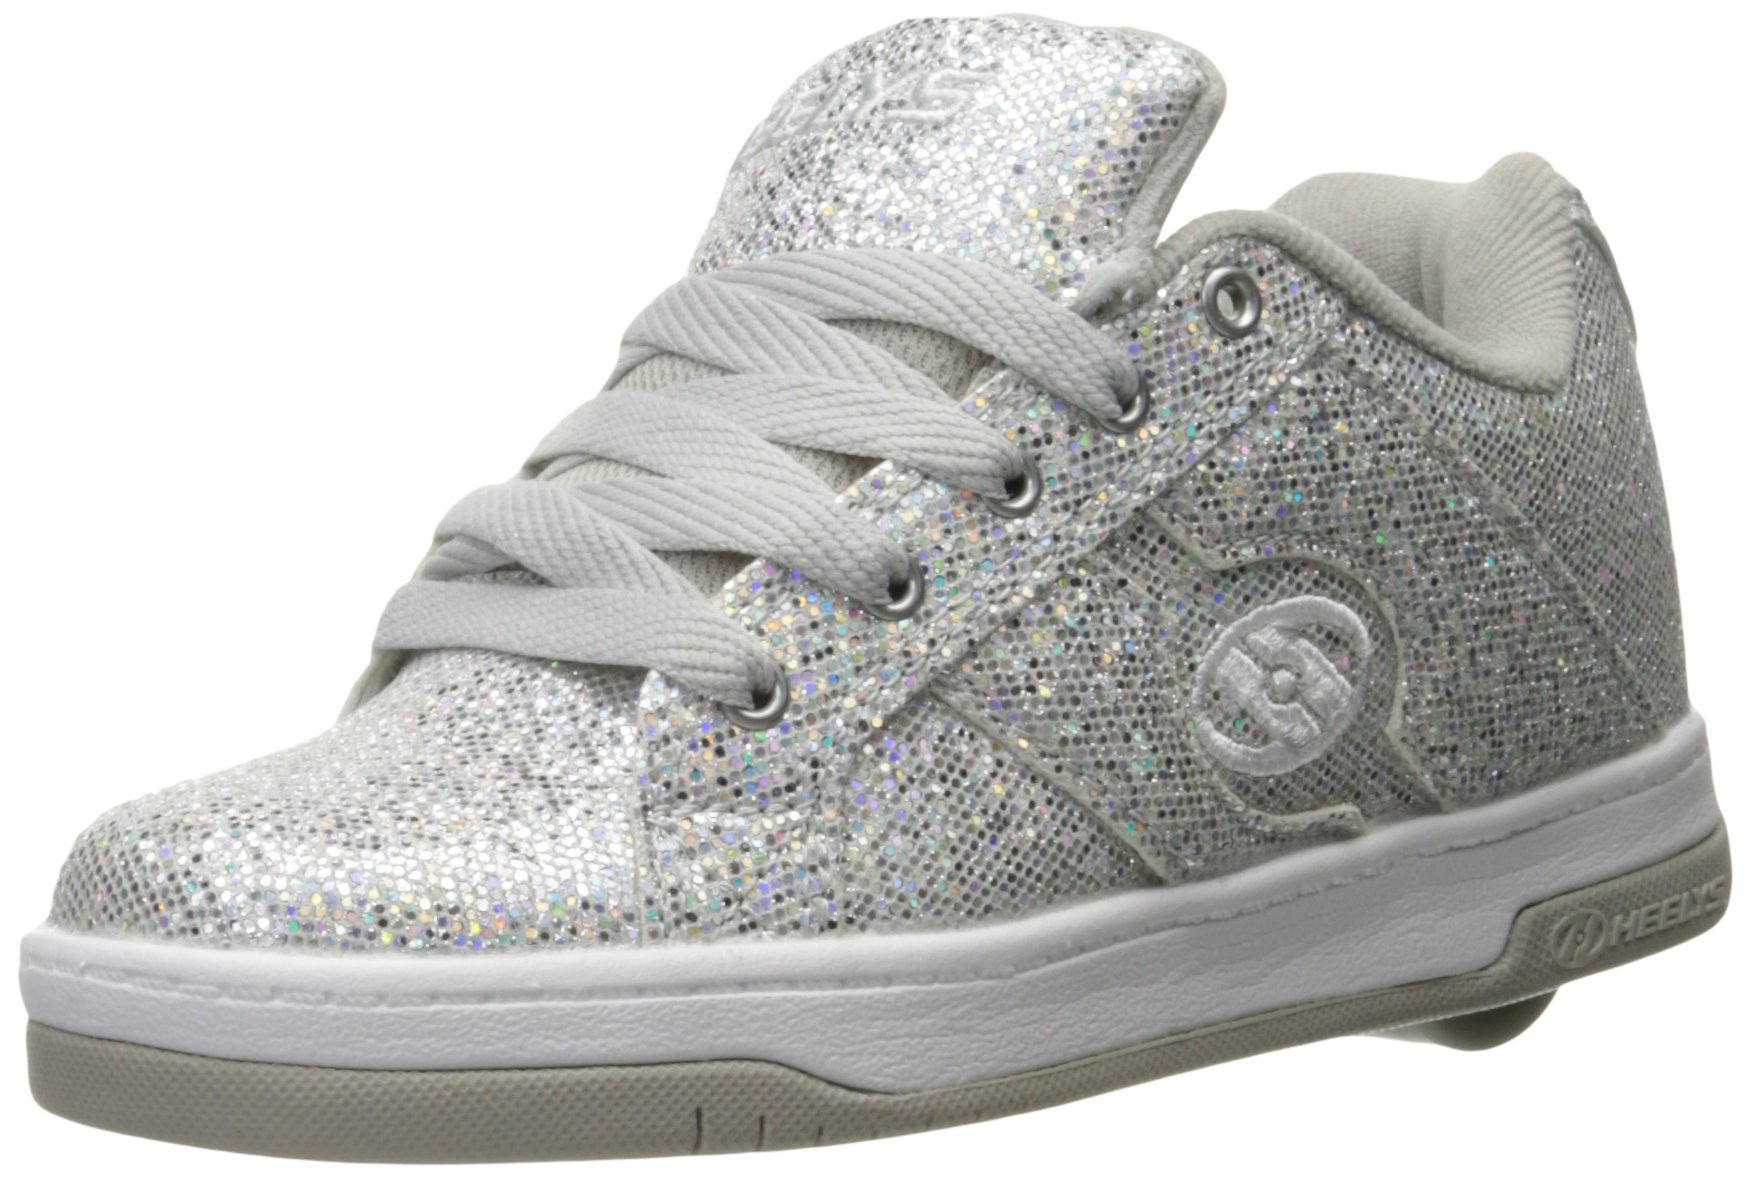 Heelys Split Sneaker Silver/Disco Glitter 8 M US Big Kid